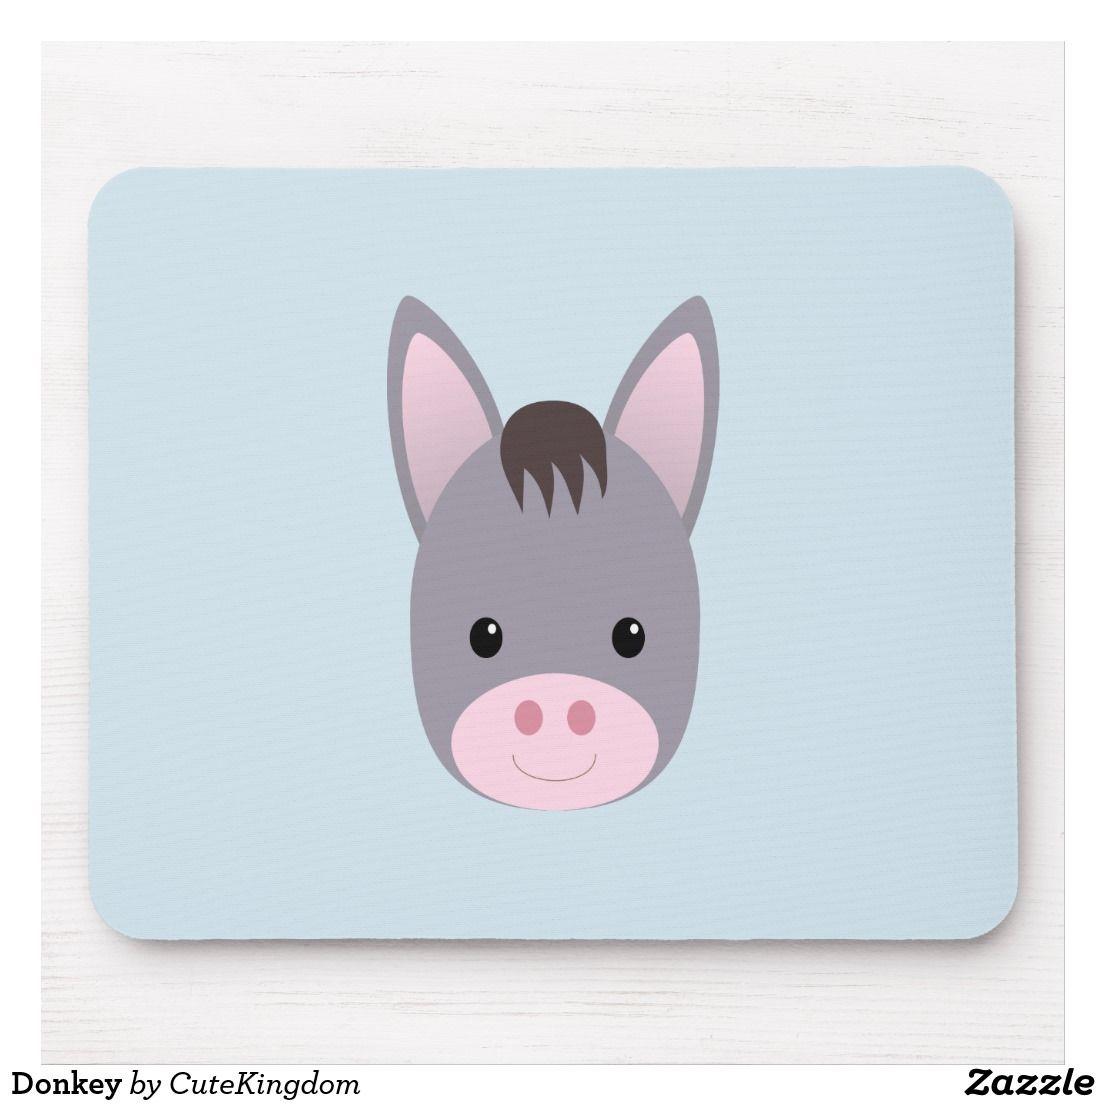 Donkey mouse mat mouse mat amazon devices amazon kindle